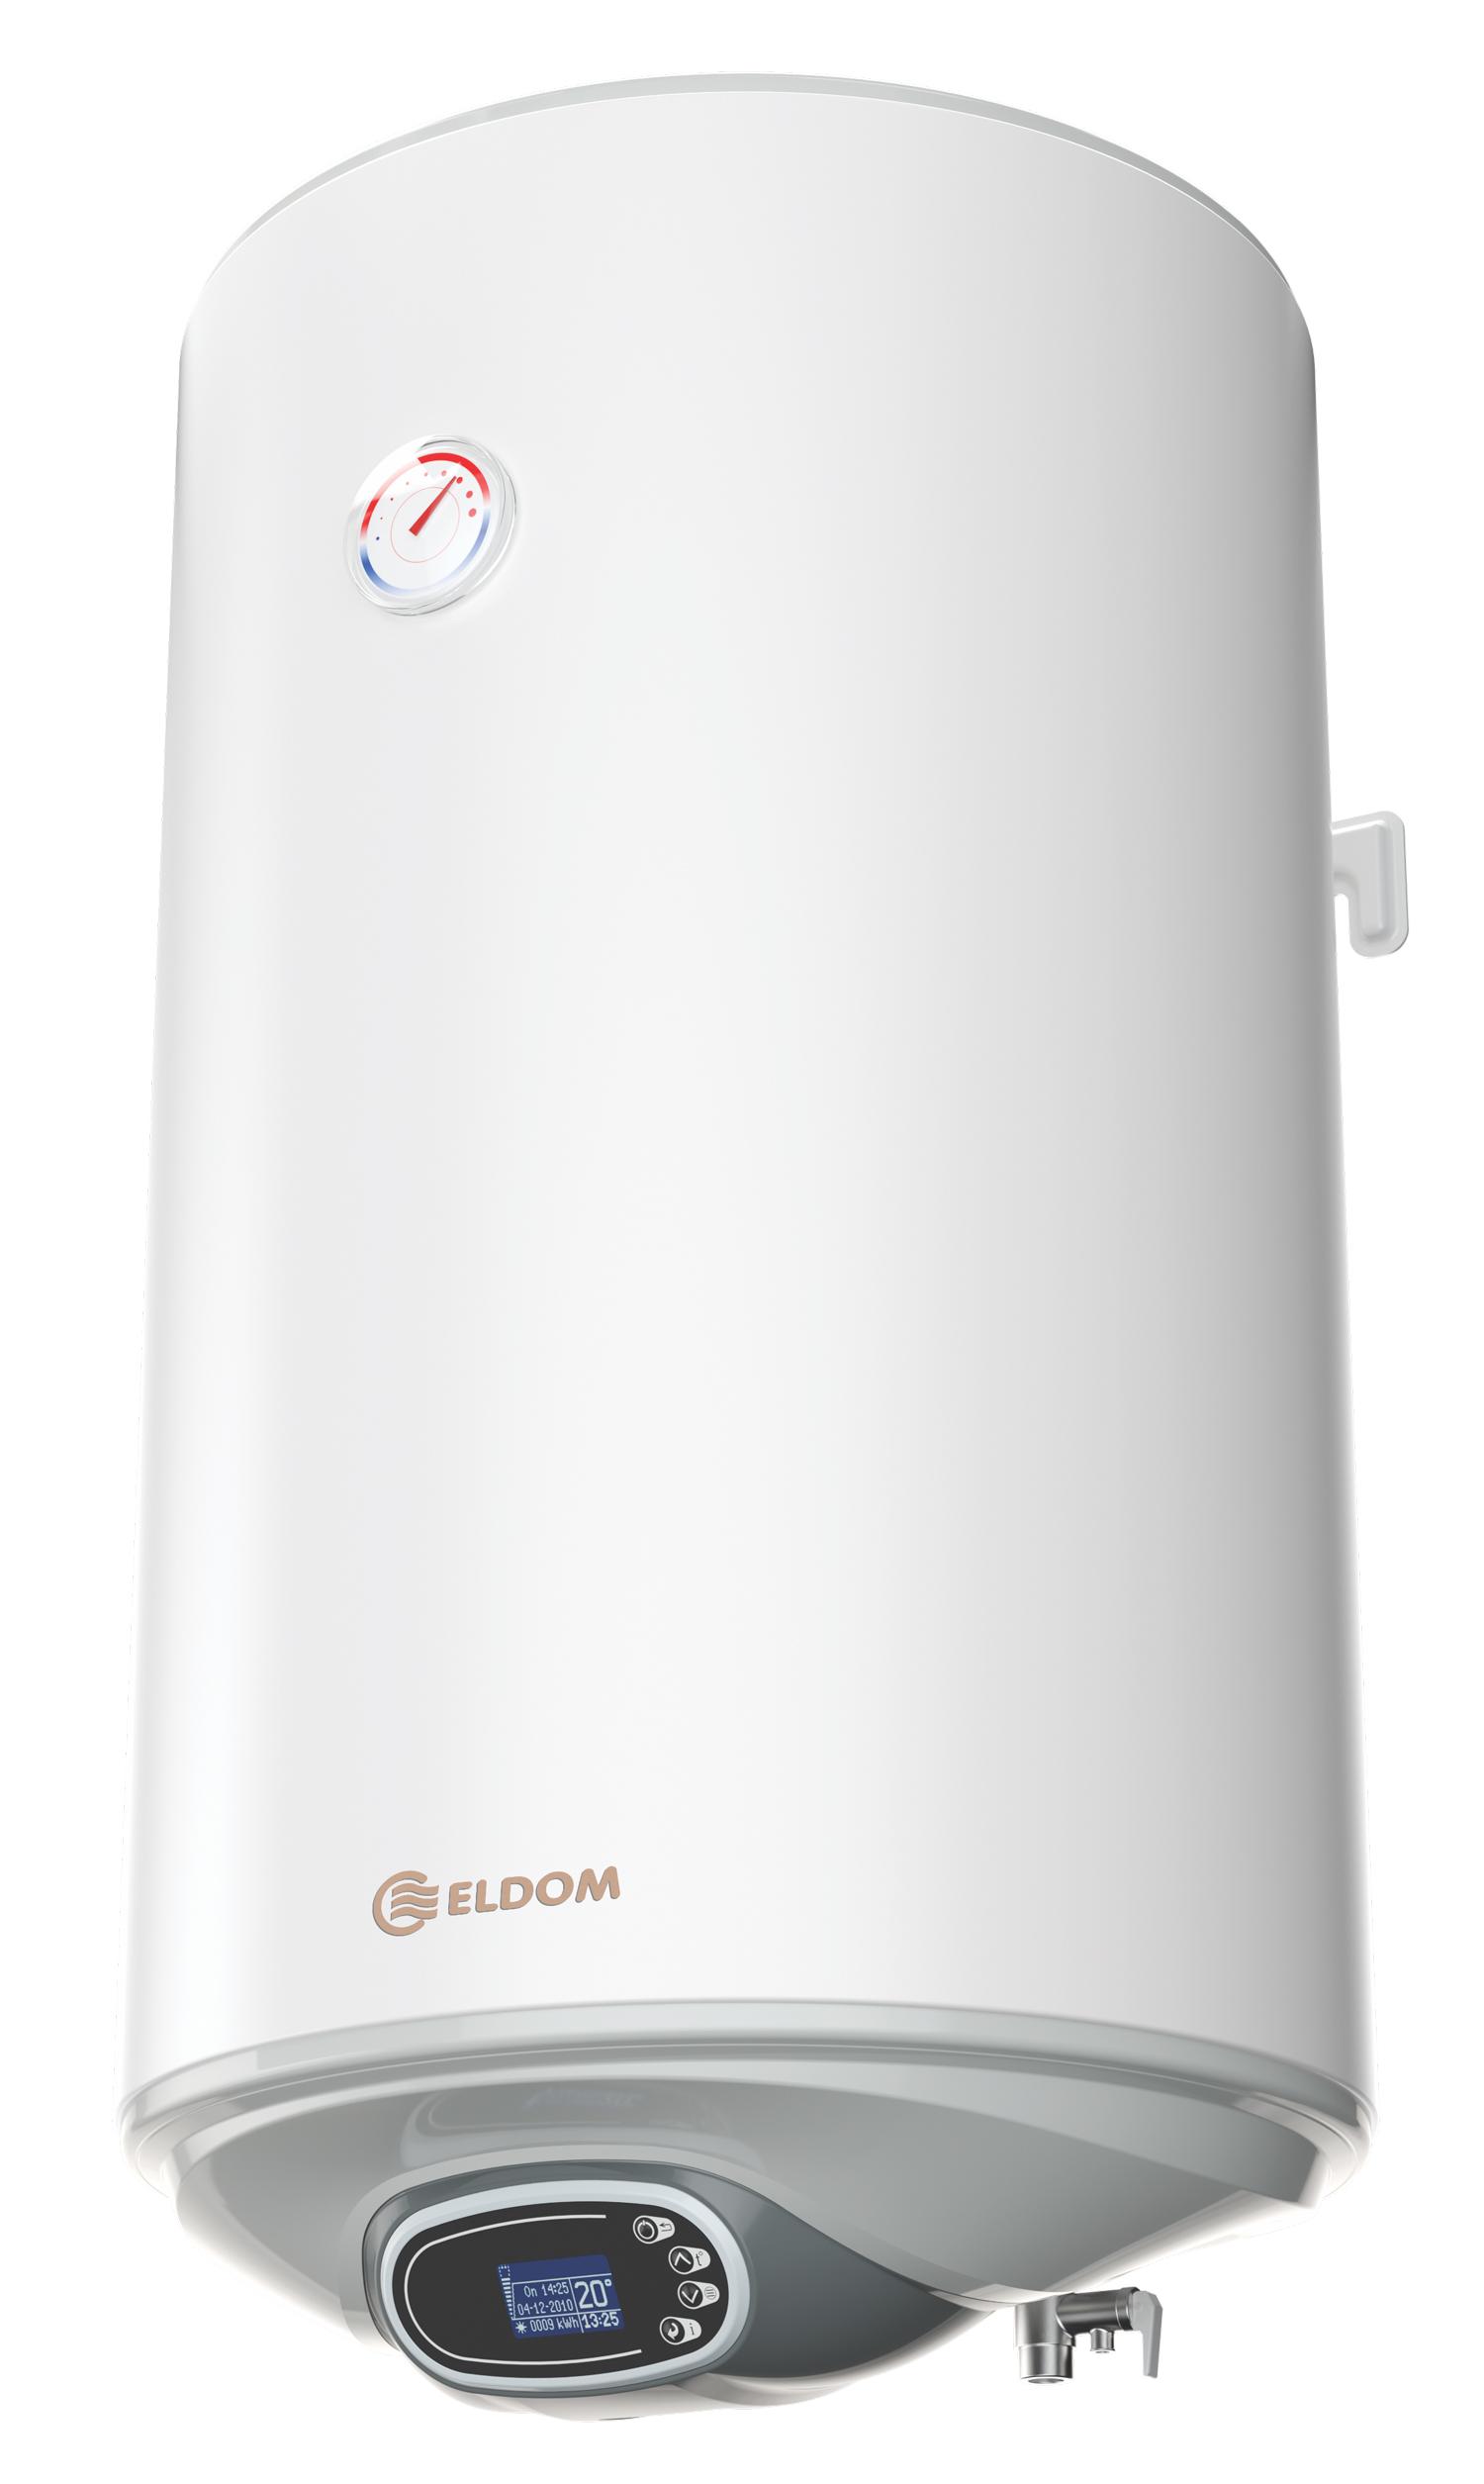 Warmwasserspeicher Eldom Favourite Digital 80 Liter druckfest